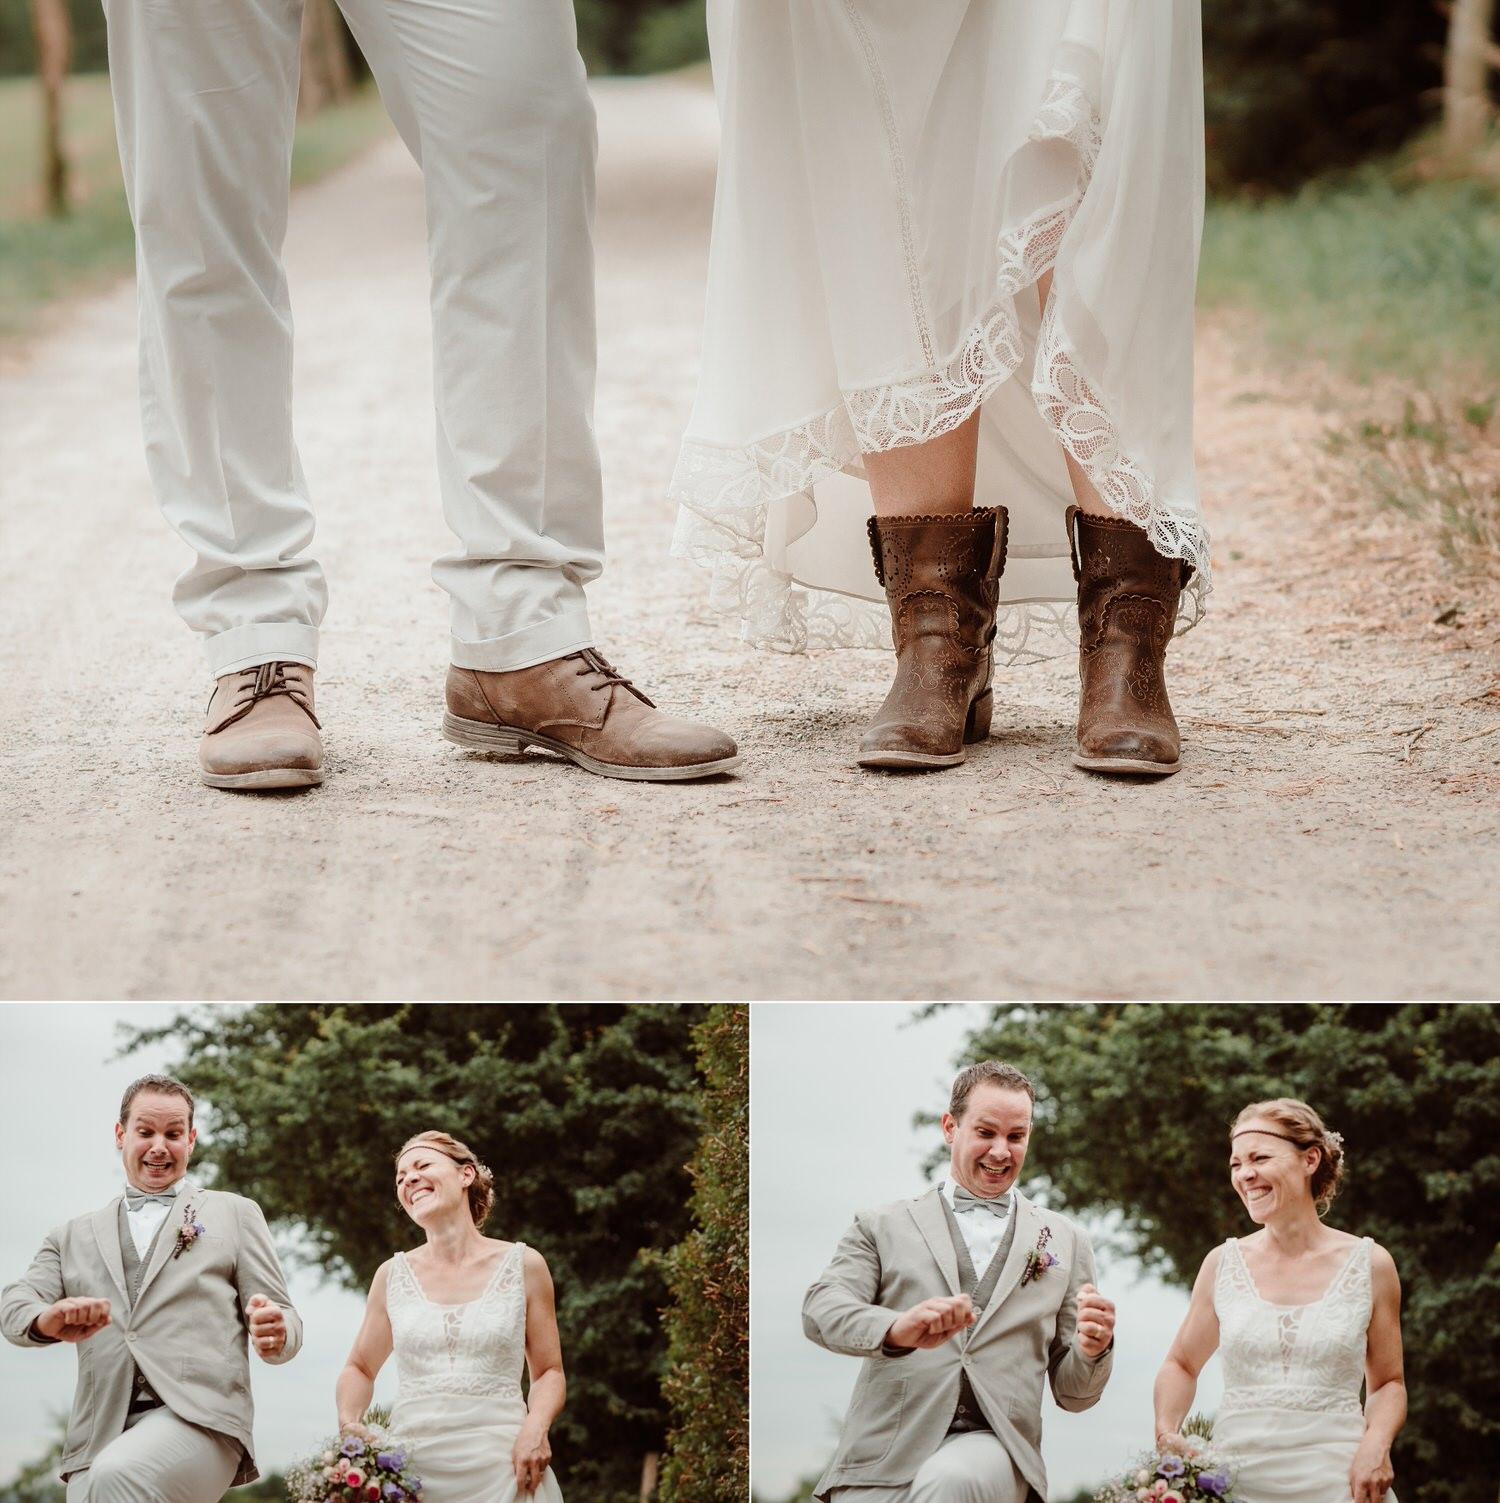 ausgefallende Hochzeitschuhe